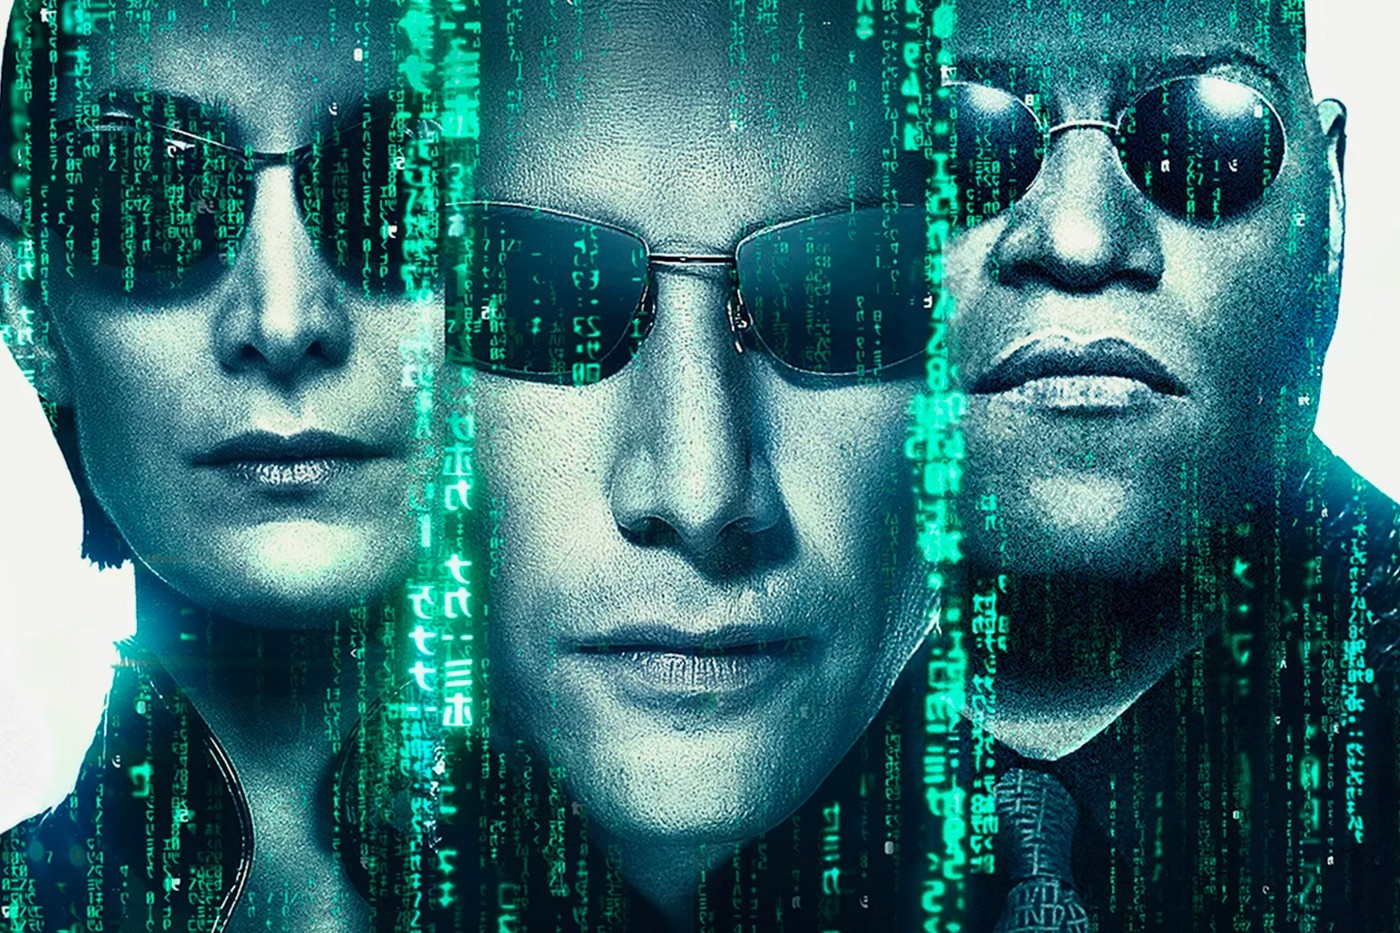 《黑客帝国4》,《沙丘》和其他华纳兄弟电影将在HBO Max和电影院首映